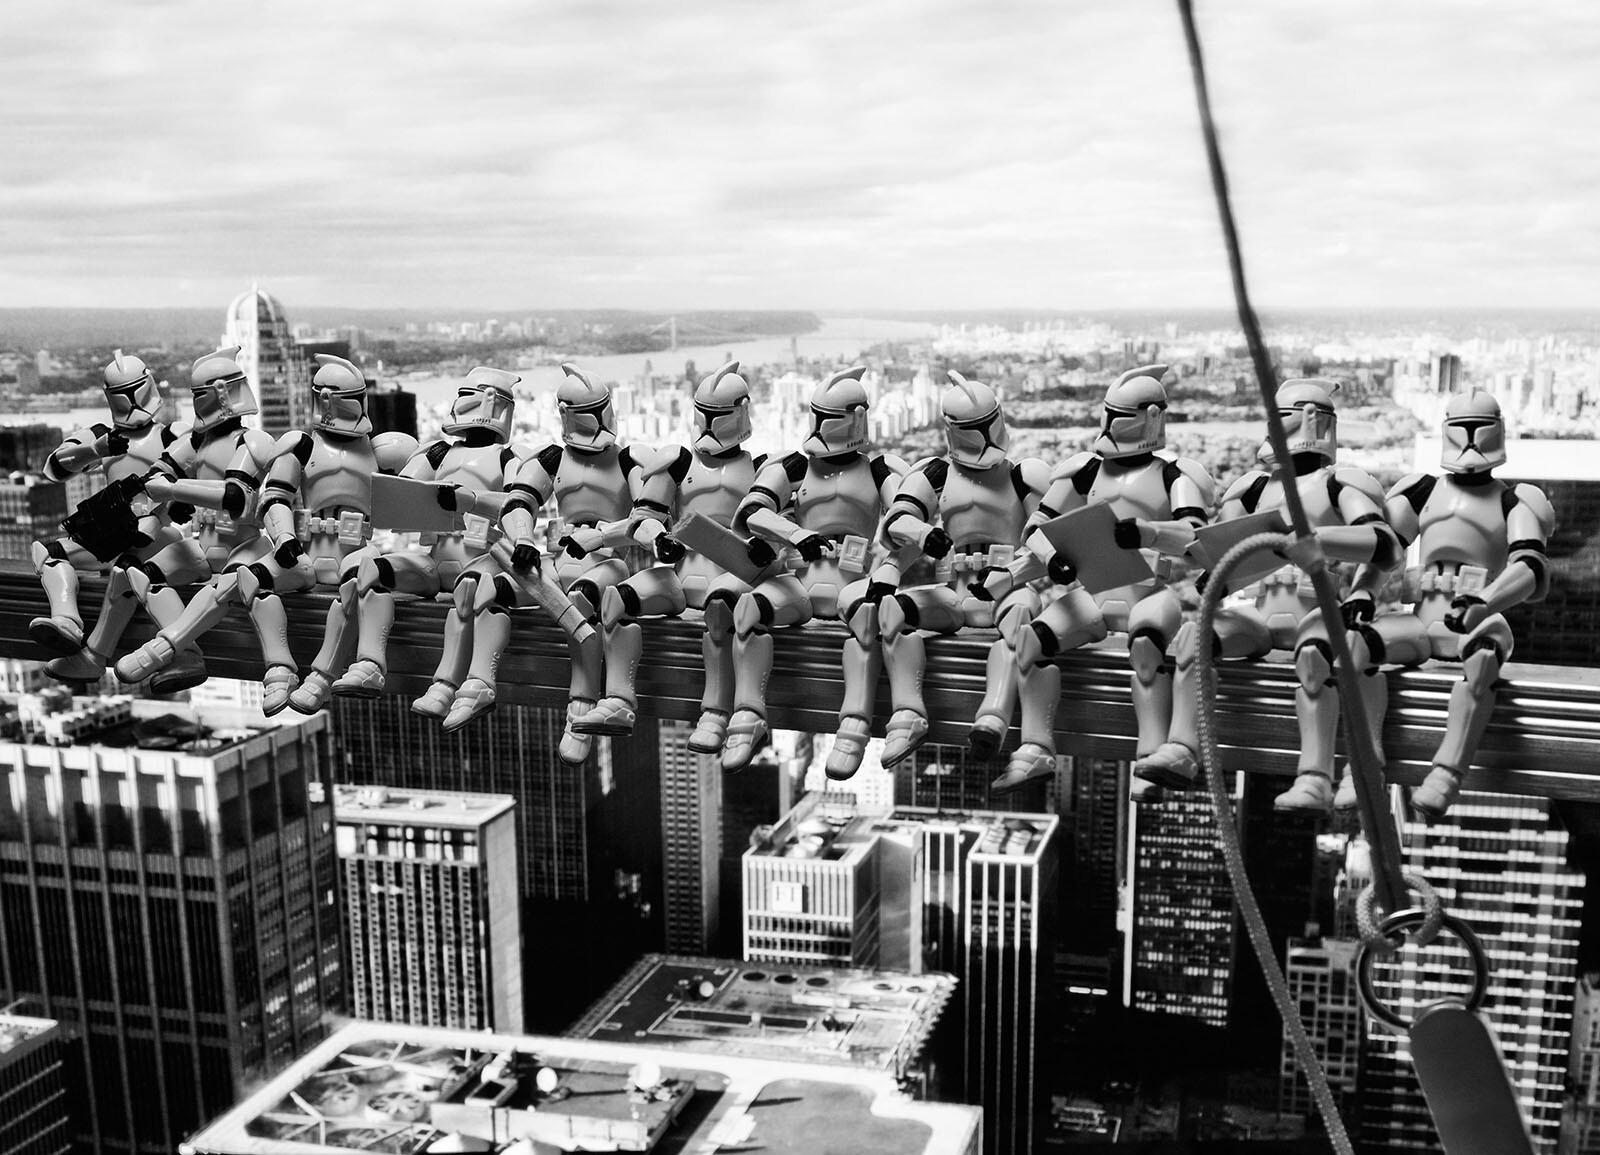 Troopers' atop a Skyscraper - David Eger